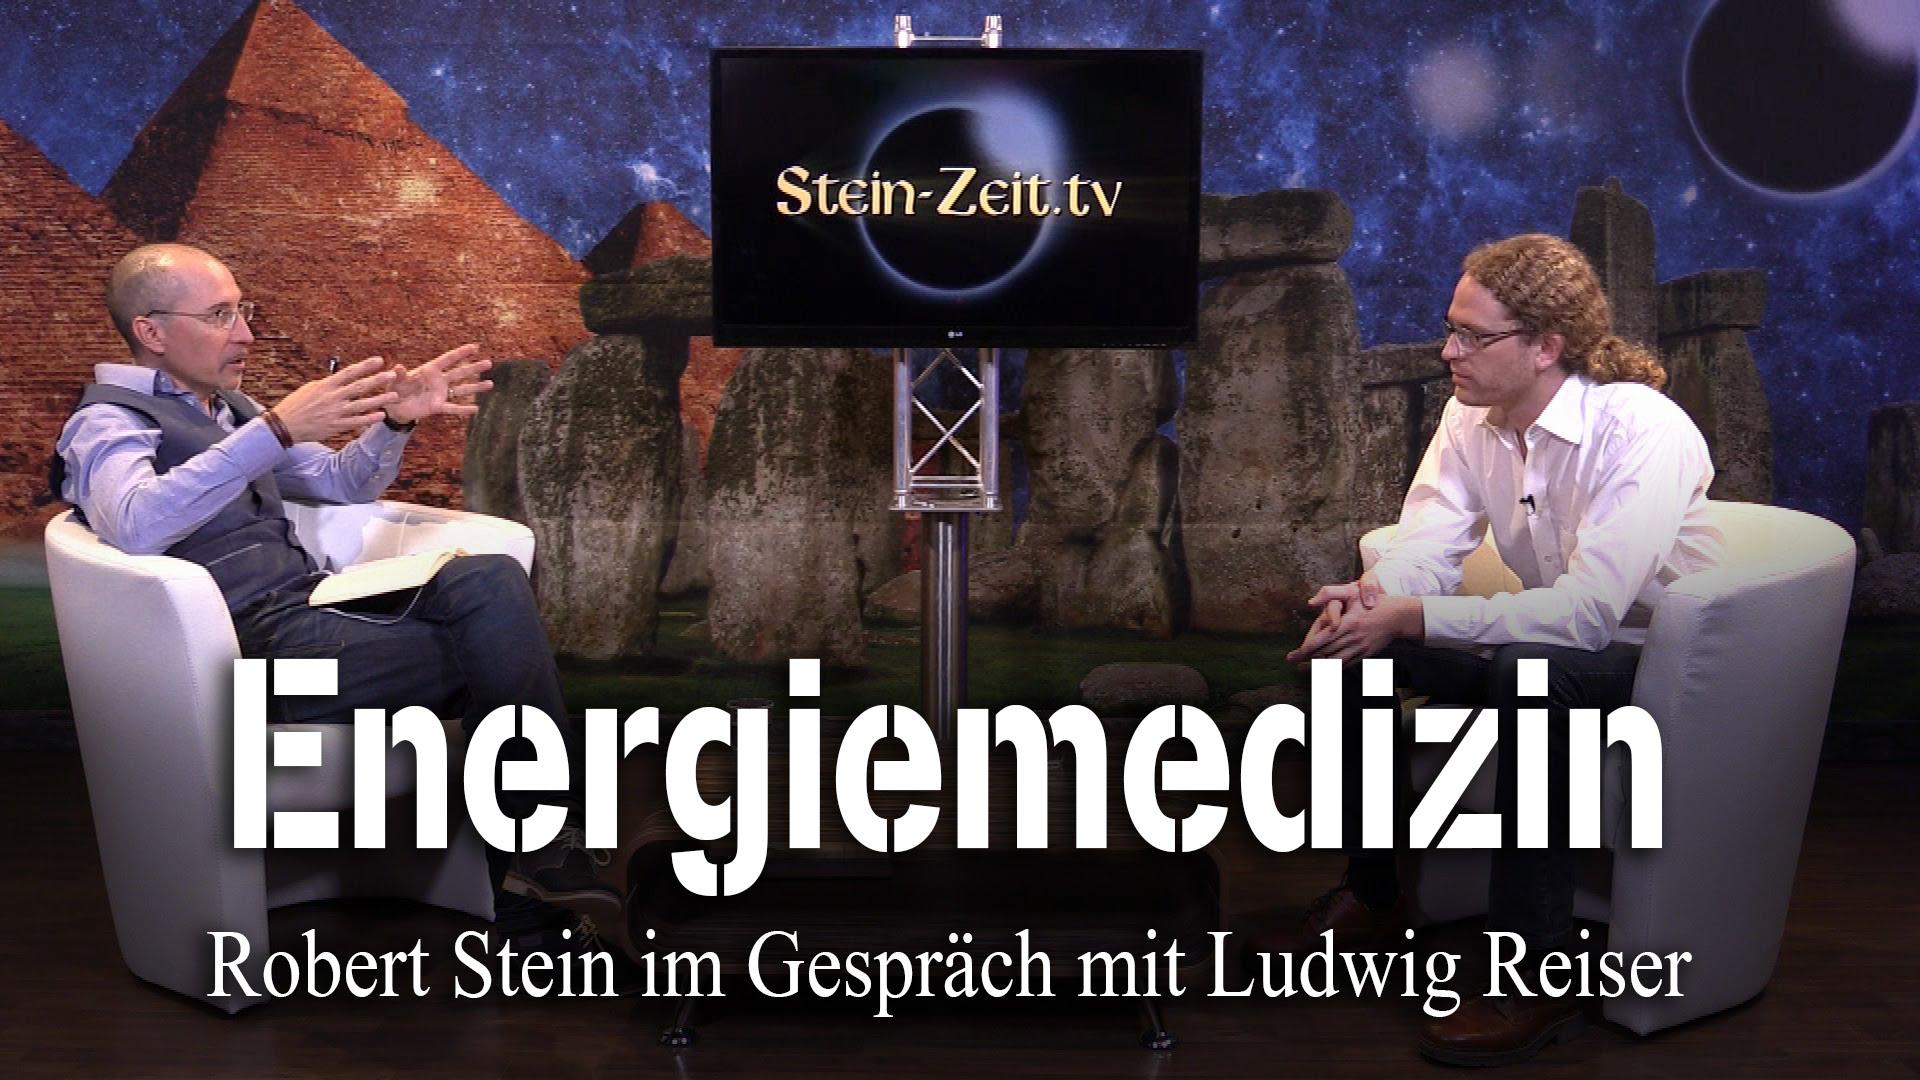 Energiemedizin – Ludwig Reiser bei SteinZeit